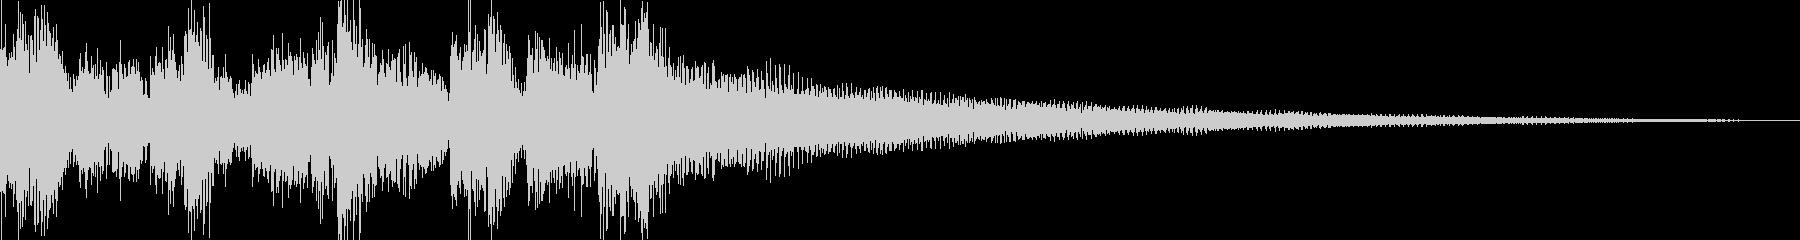 生演奏アコギで爽やかなポップ ジングルの未再生の波形